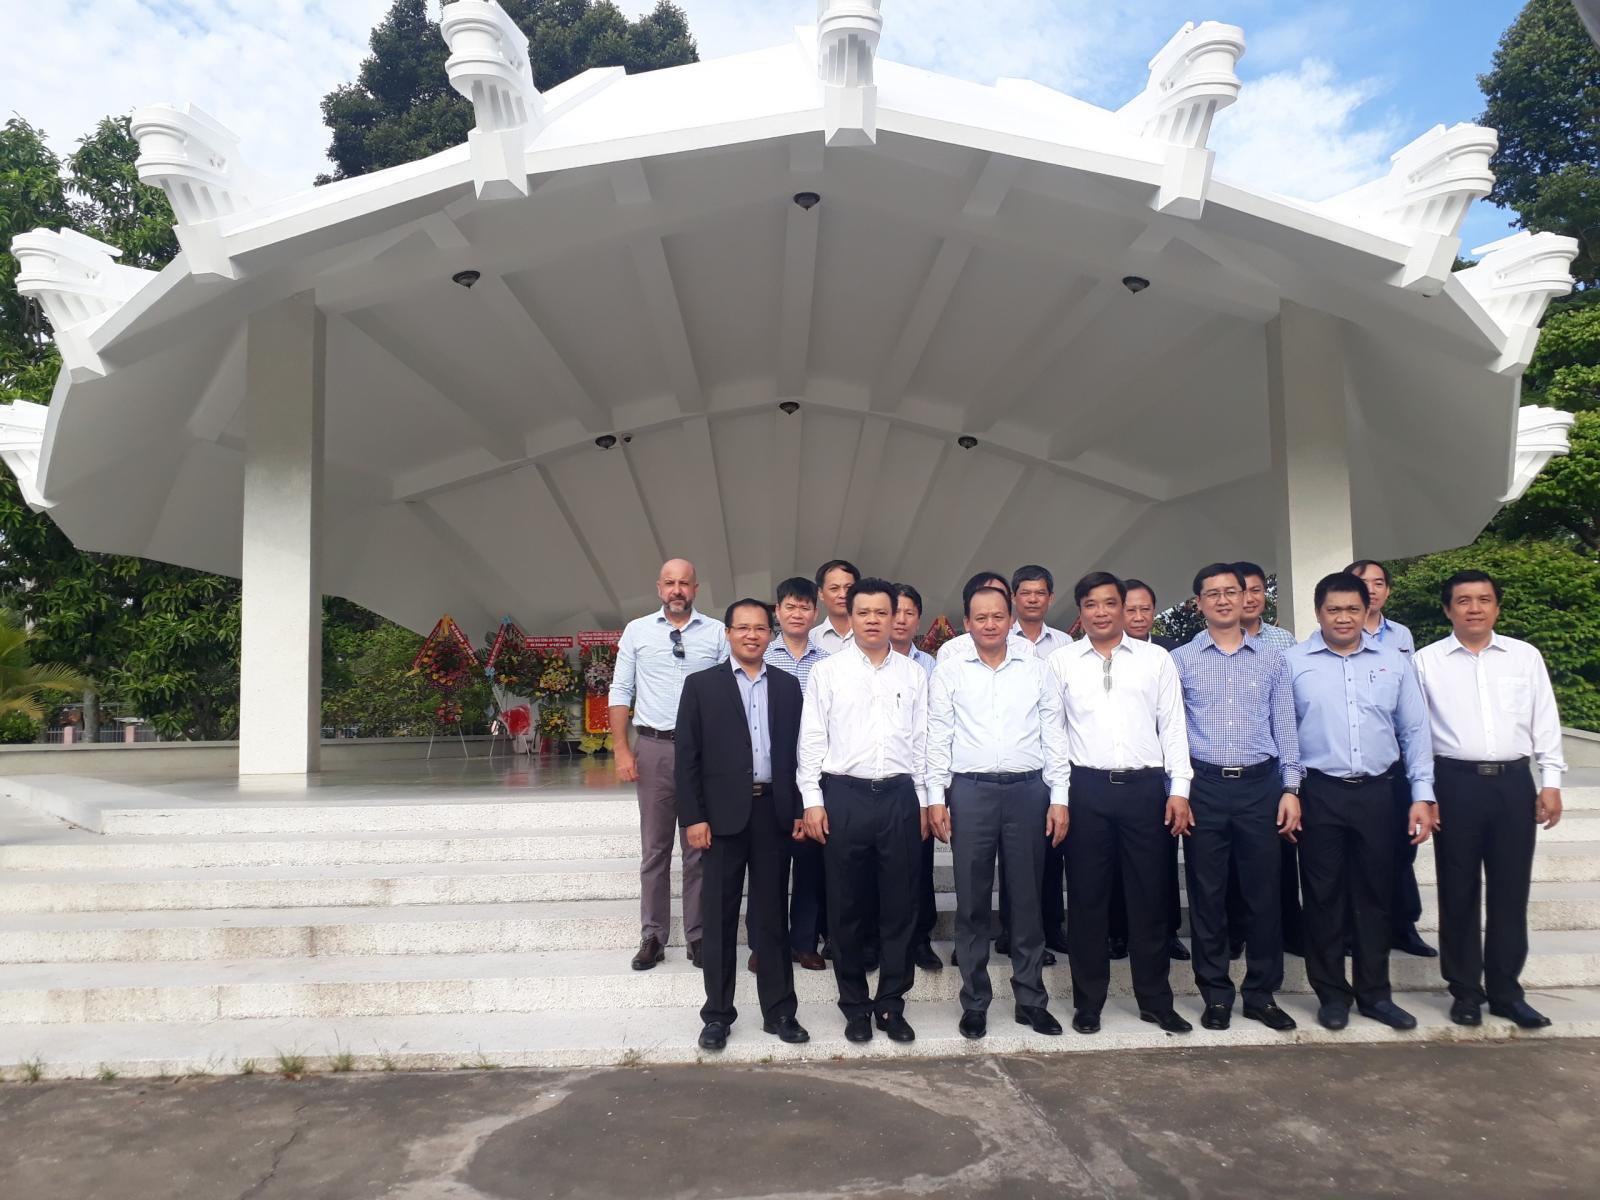 Khu Di tích Nguyễn Sinh Sắc chào mừng kỷ niệm 129 năm ngày sinh của Chủ tịch Hồ Chí Minh (19/5/1890 – 19/5/2019)